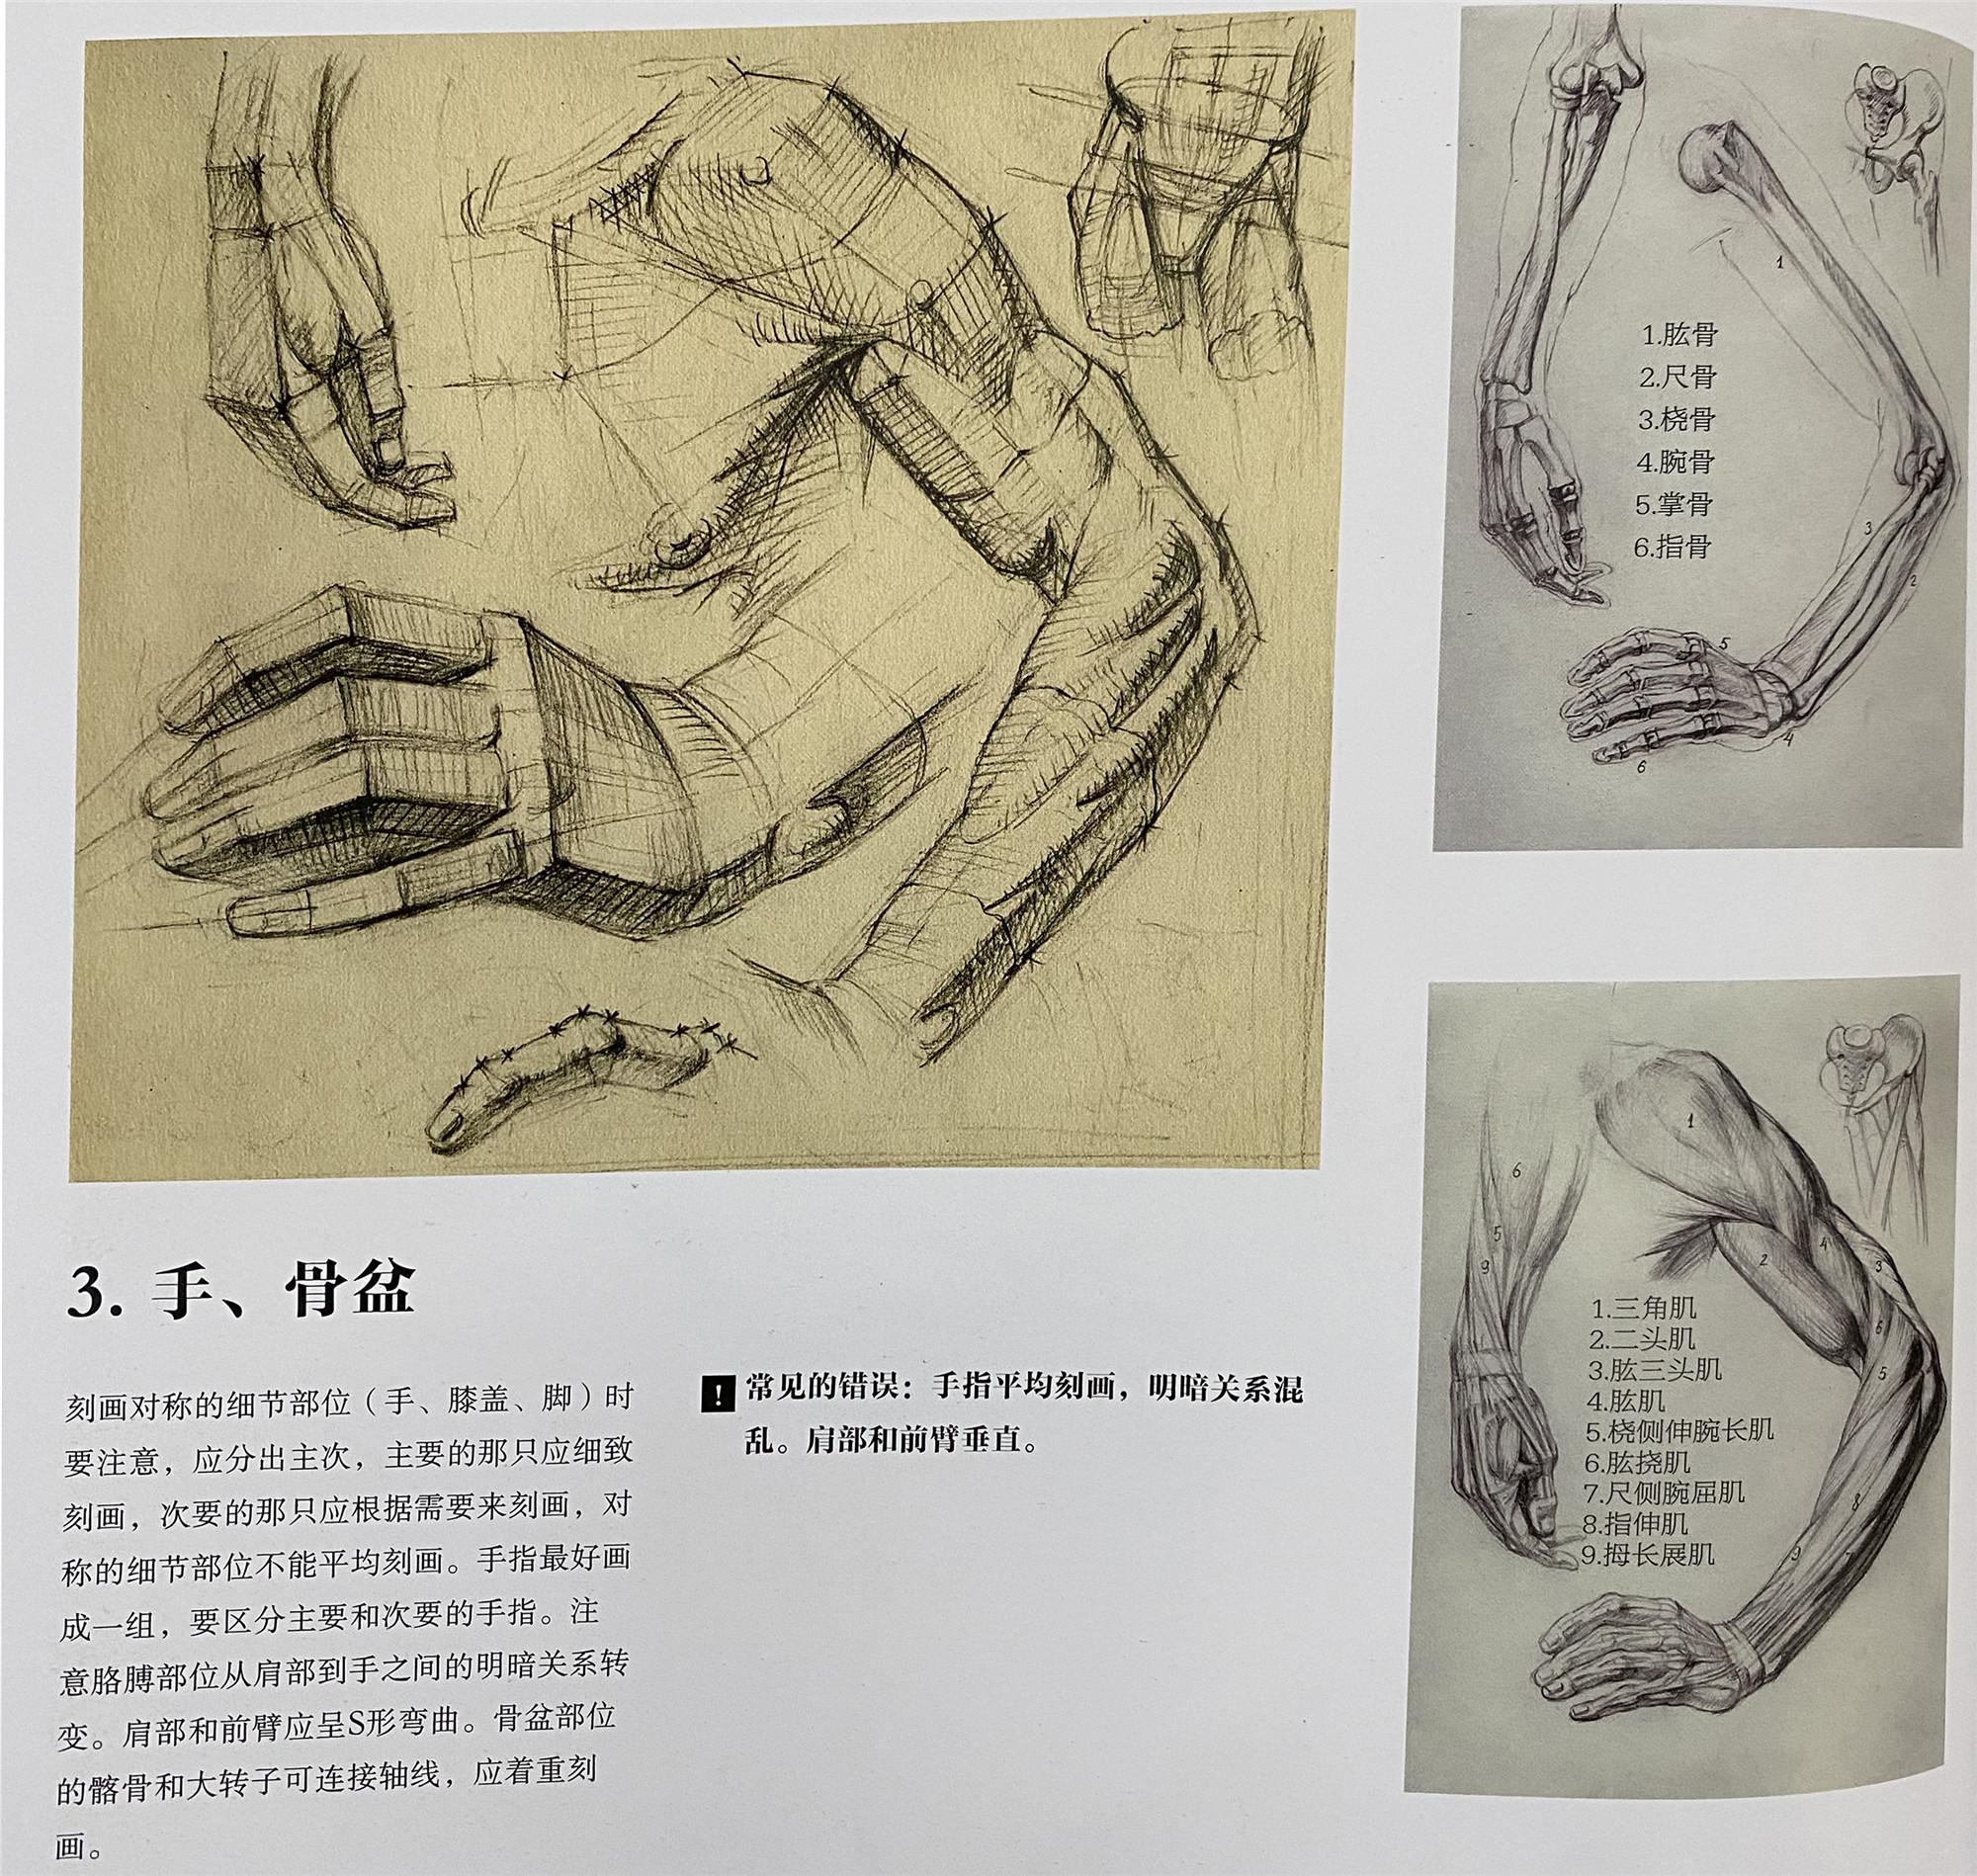 第一章:素描人像普及课  第四节:人物半身像结构体面认识理解,整体透视和空间朝向(必